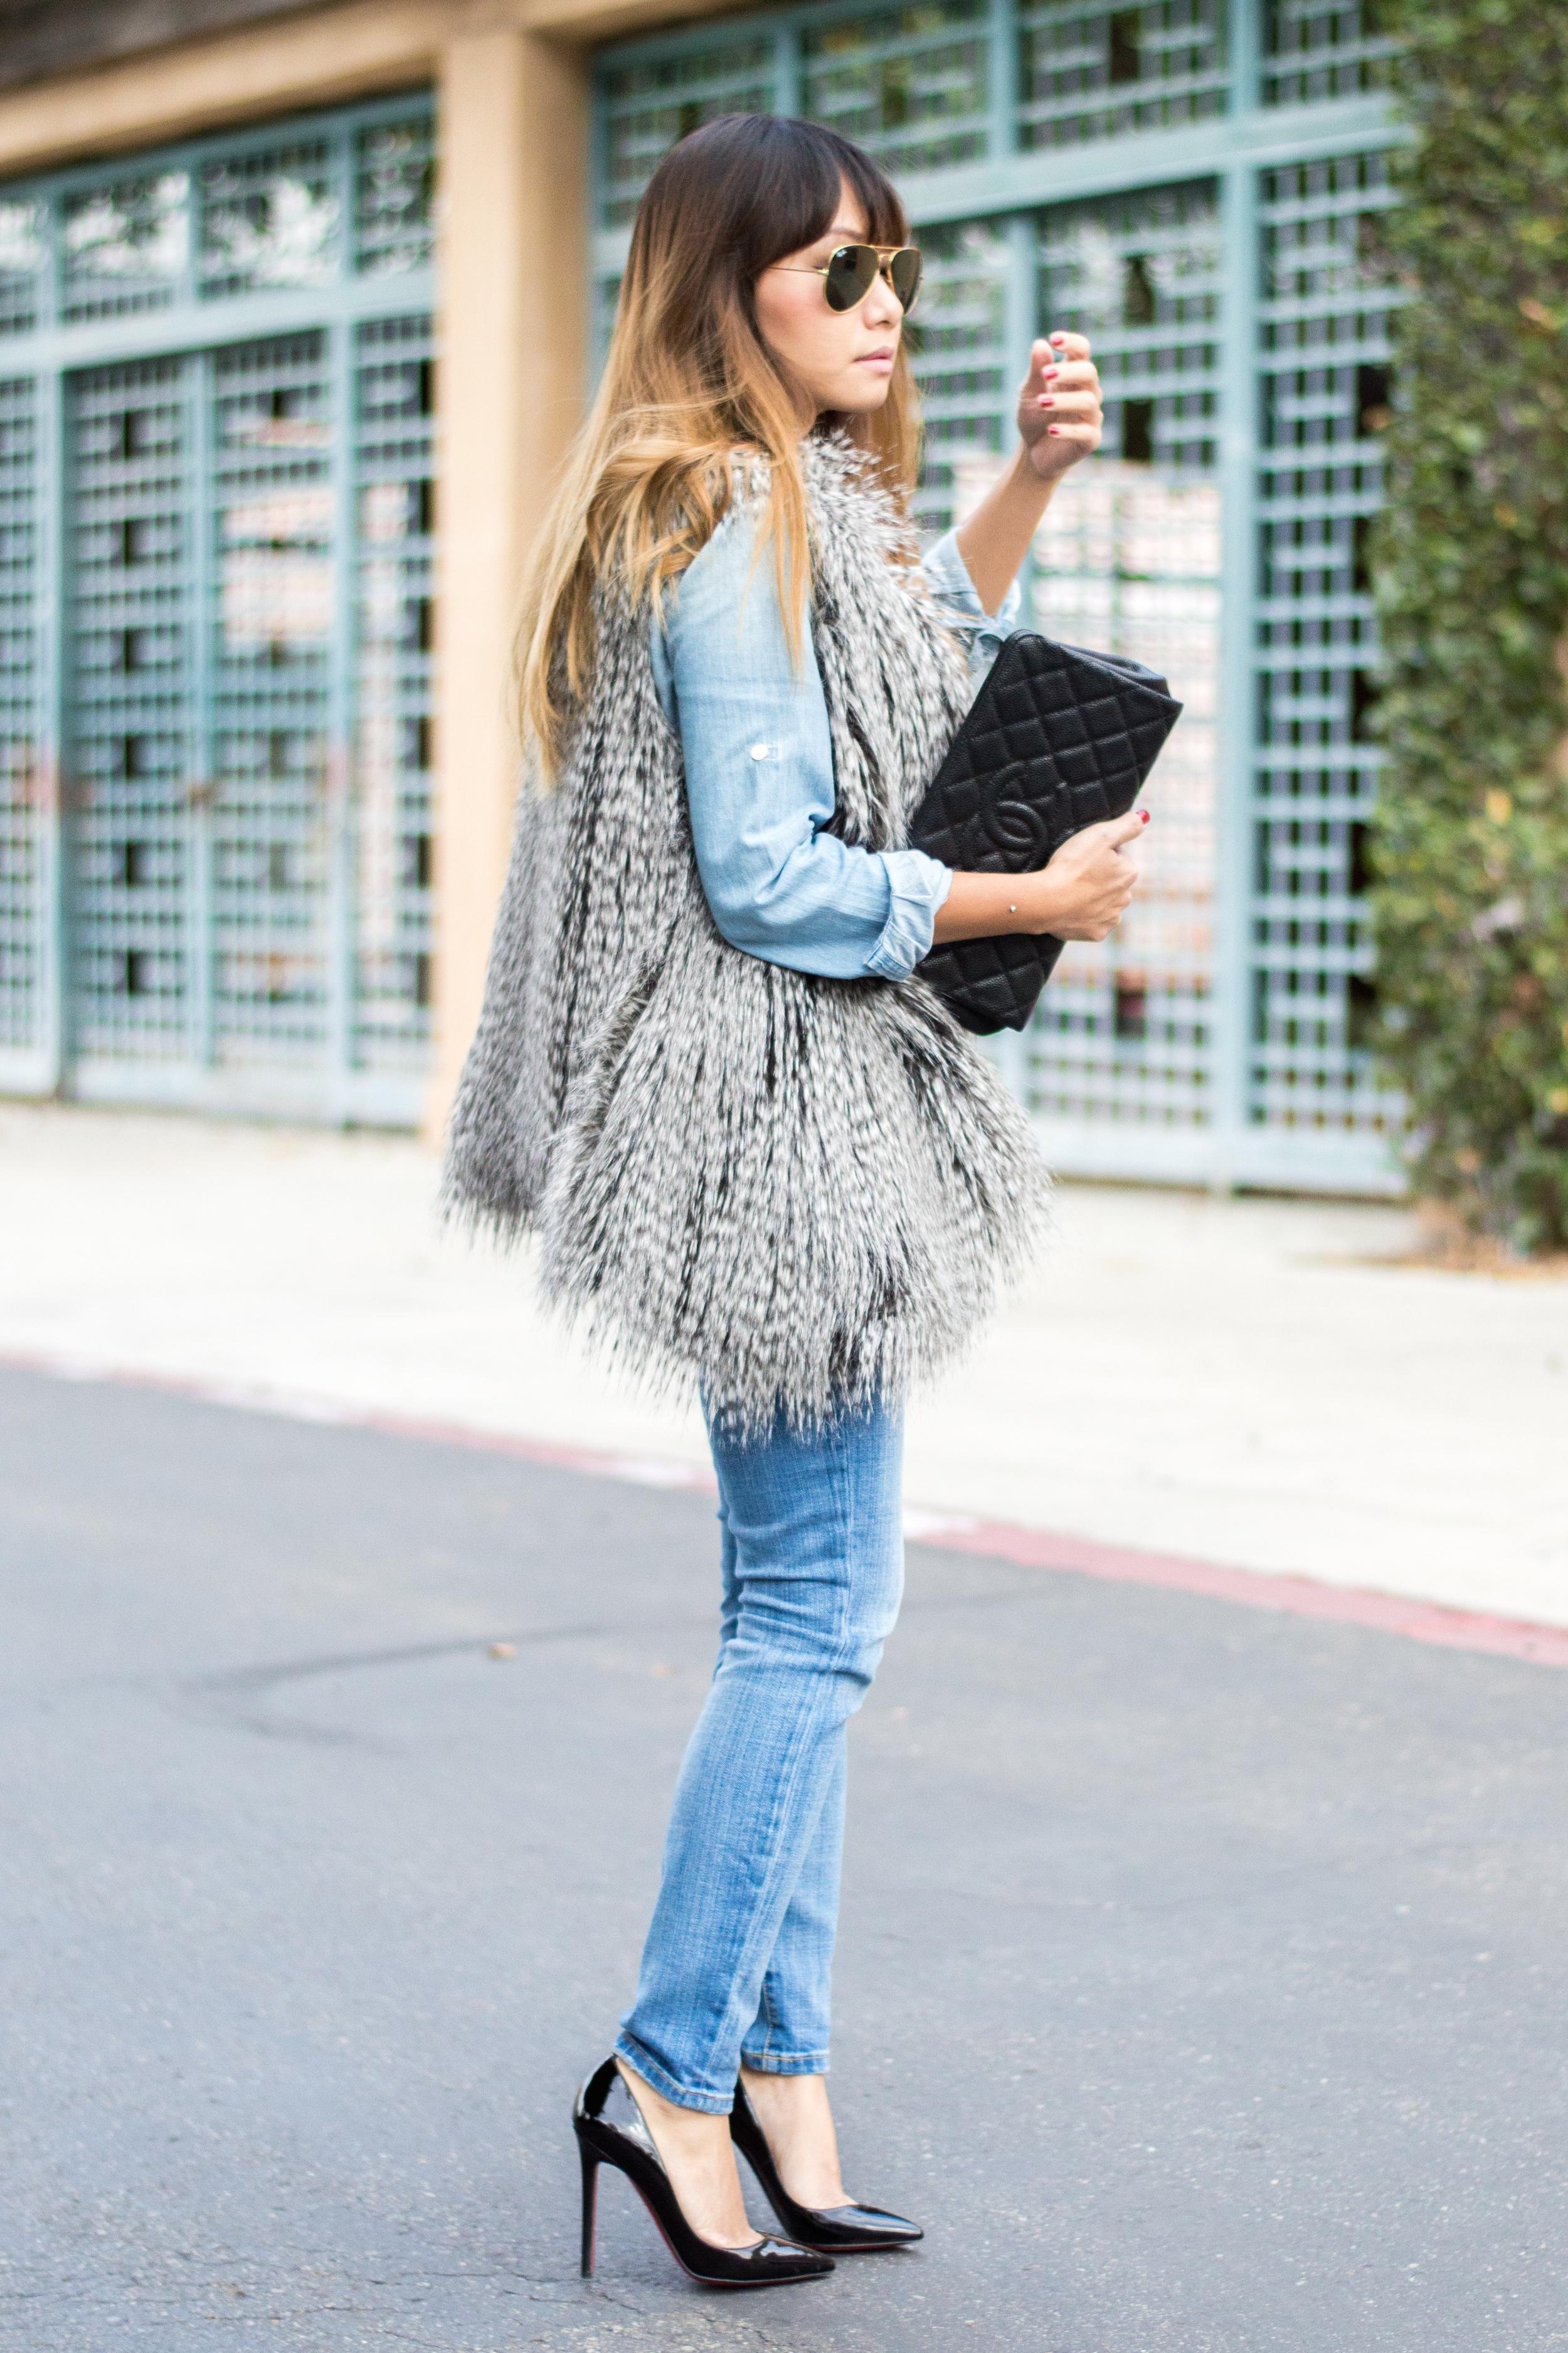 Fur Coat (4 of 11)